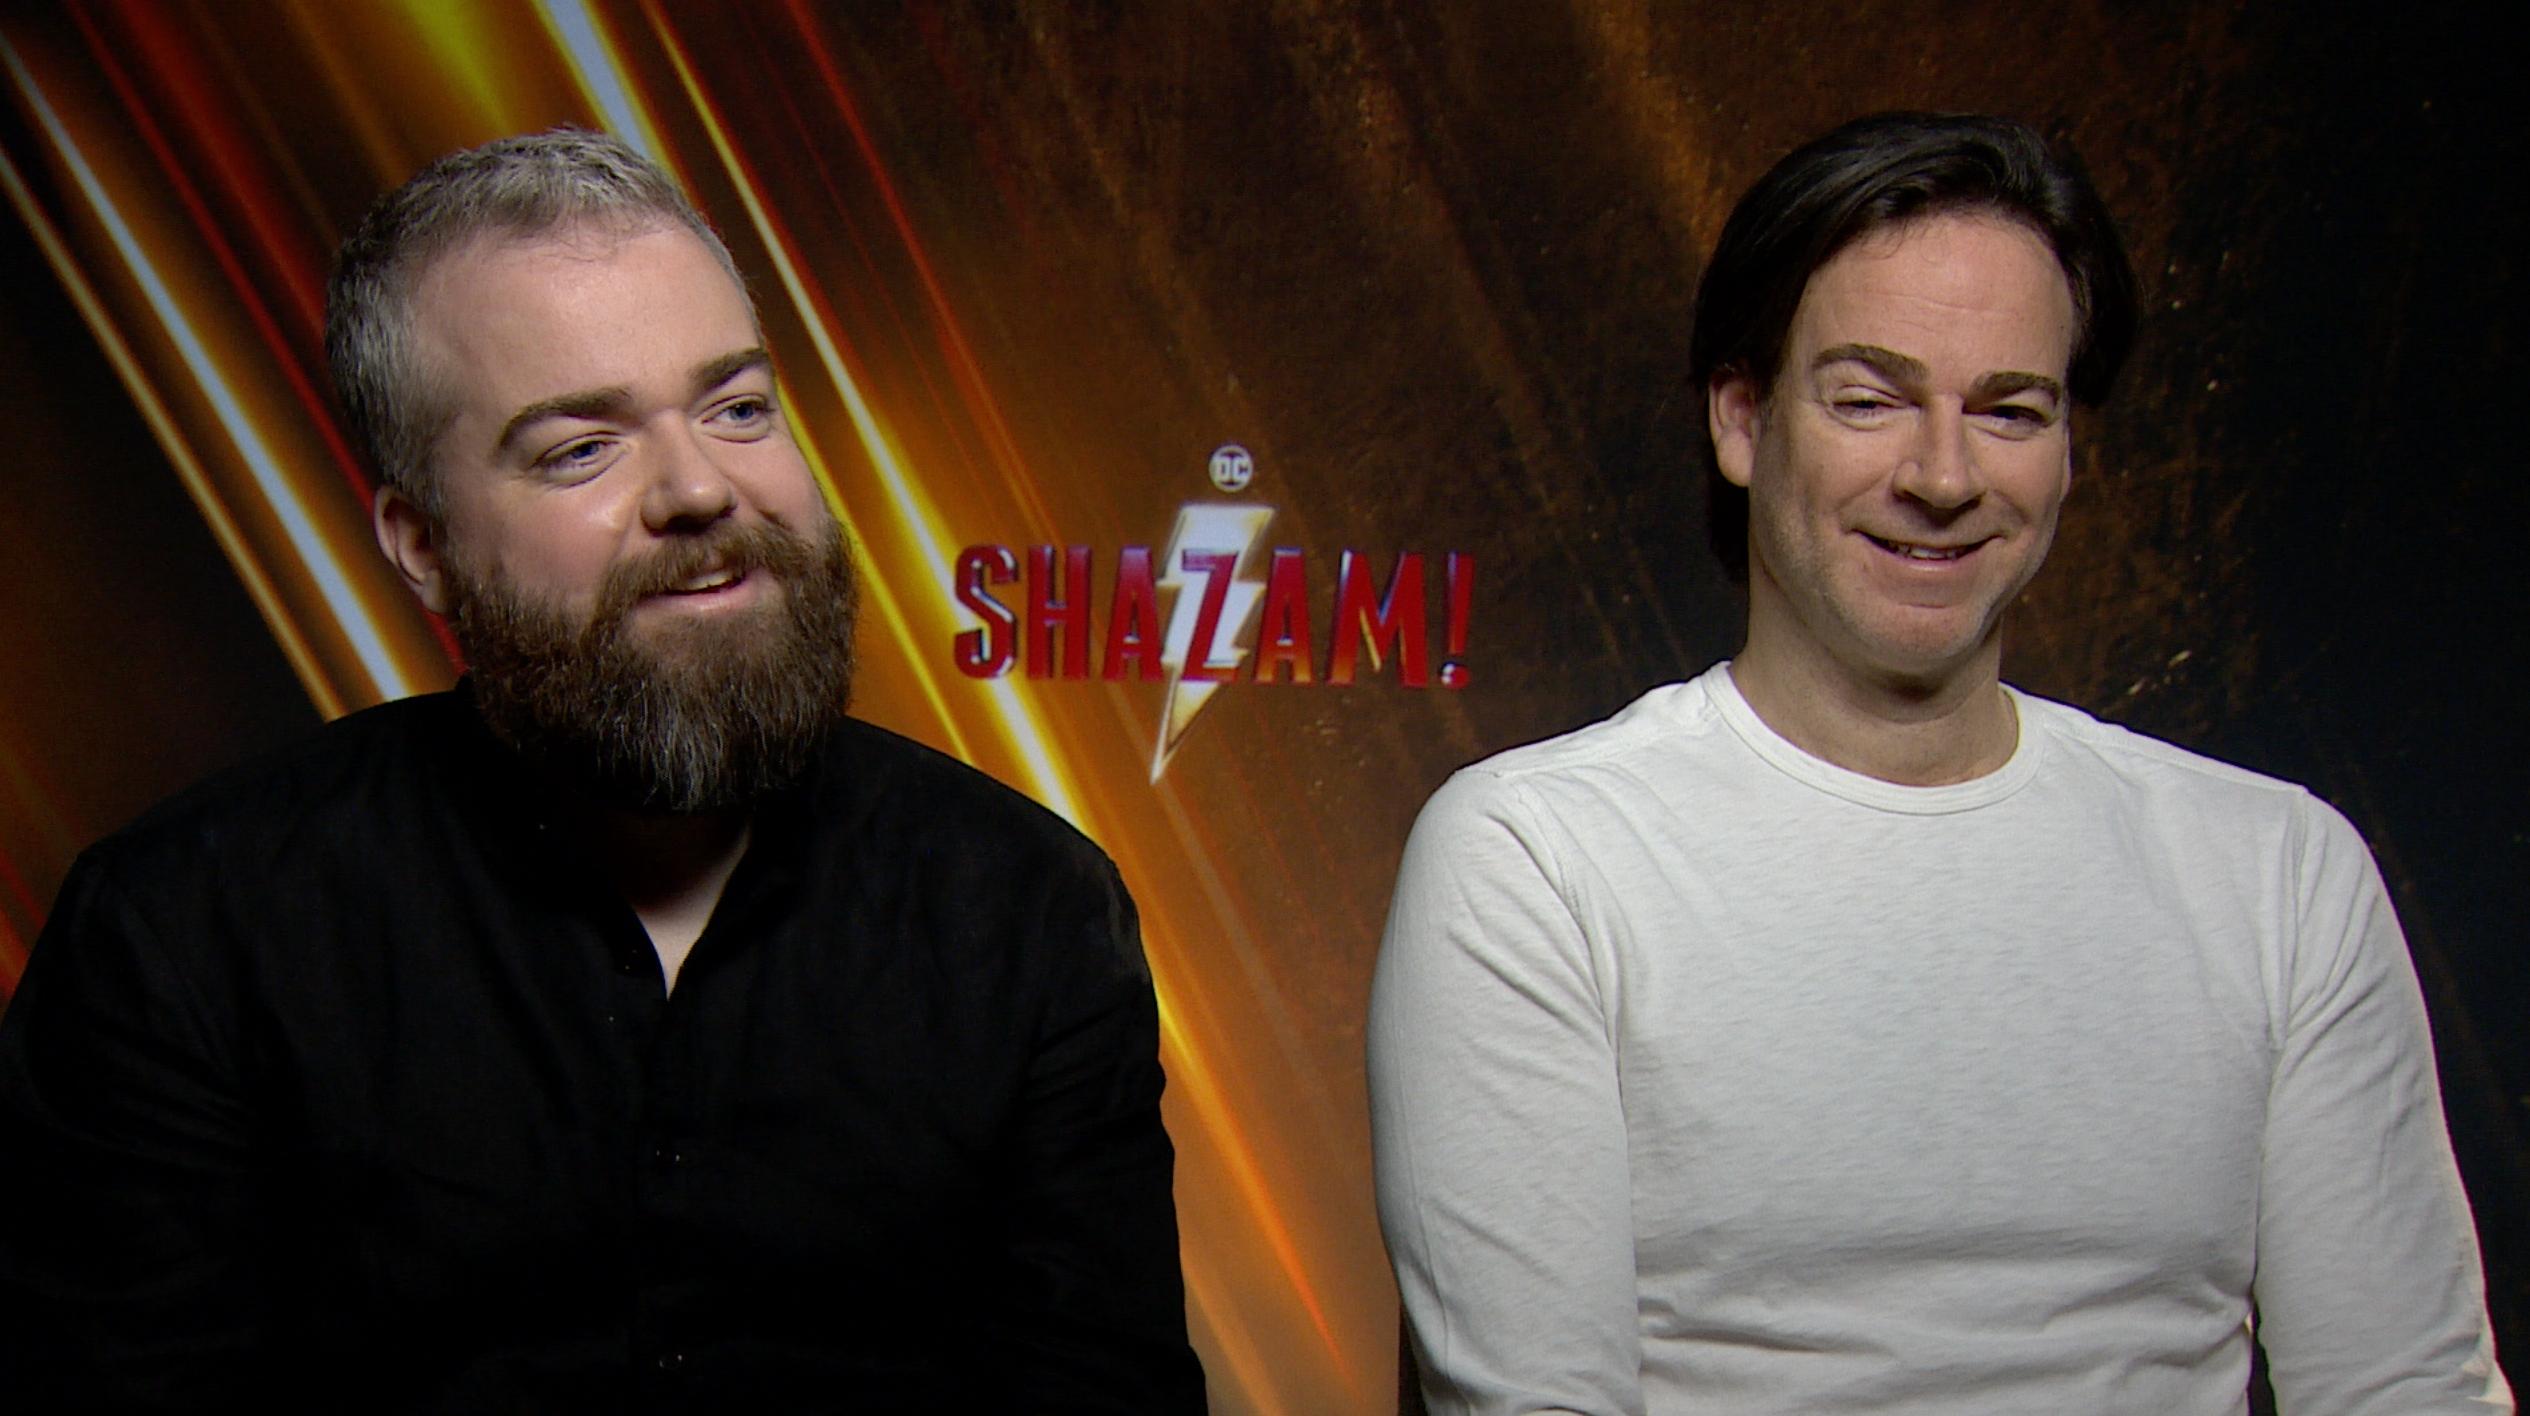 """Intervista a David F. Sandberg, regista di Shazam!: """"Passiamo la magia del cinema"""""""